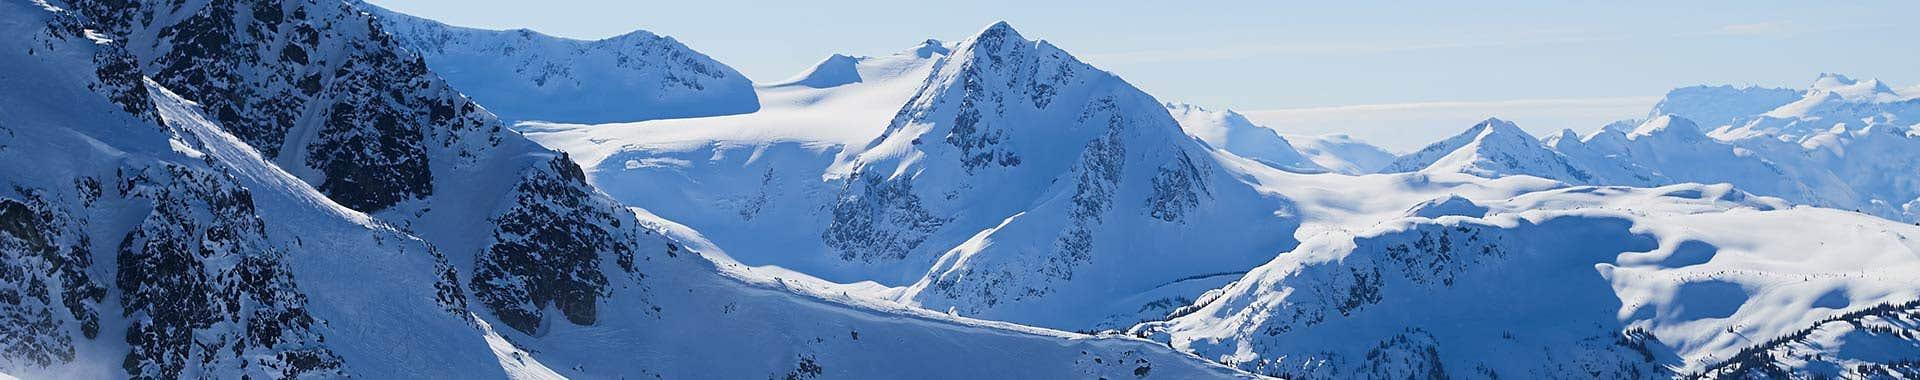 Housses ski de fond